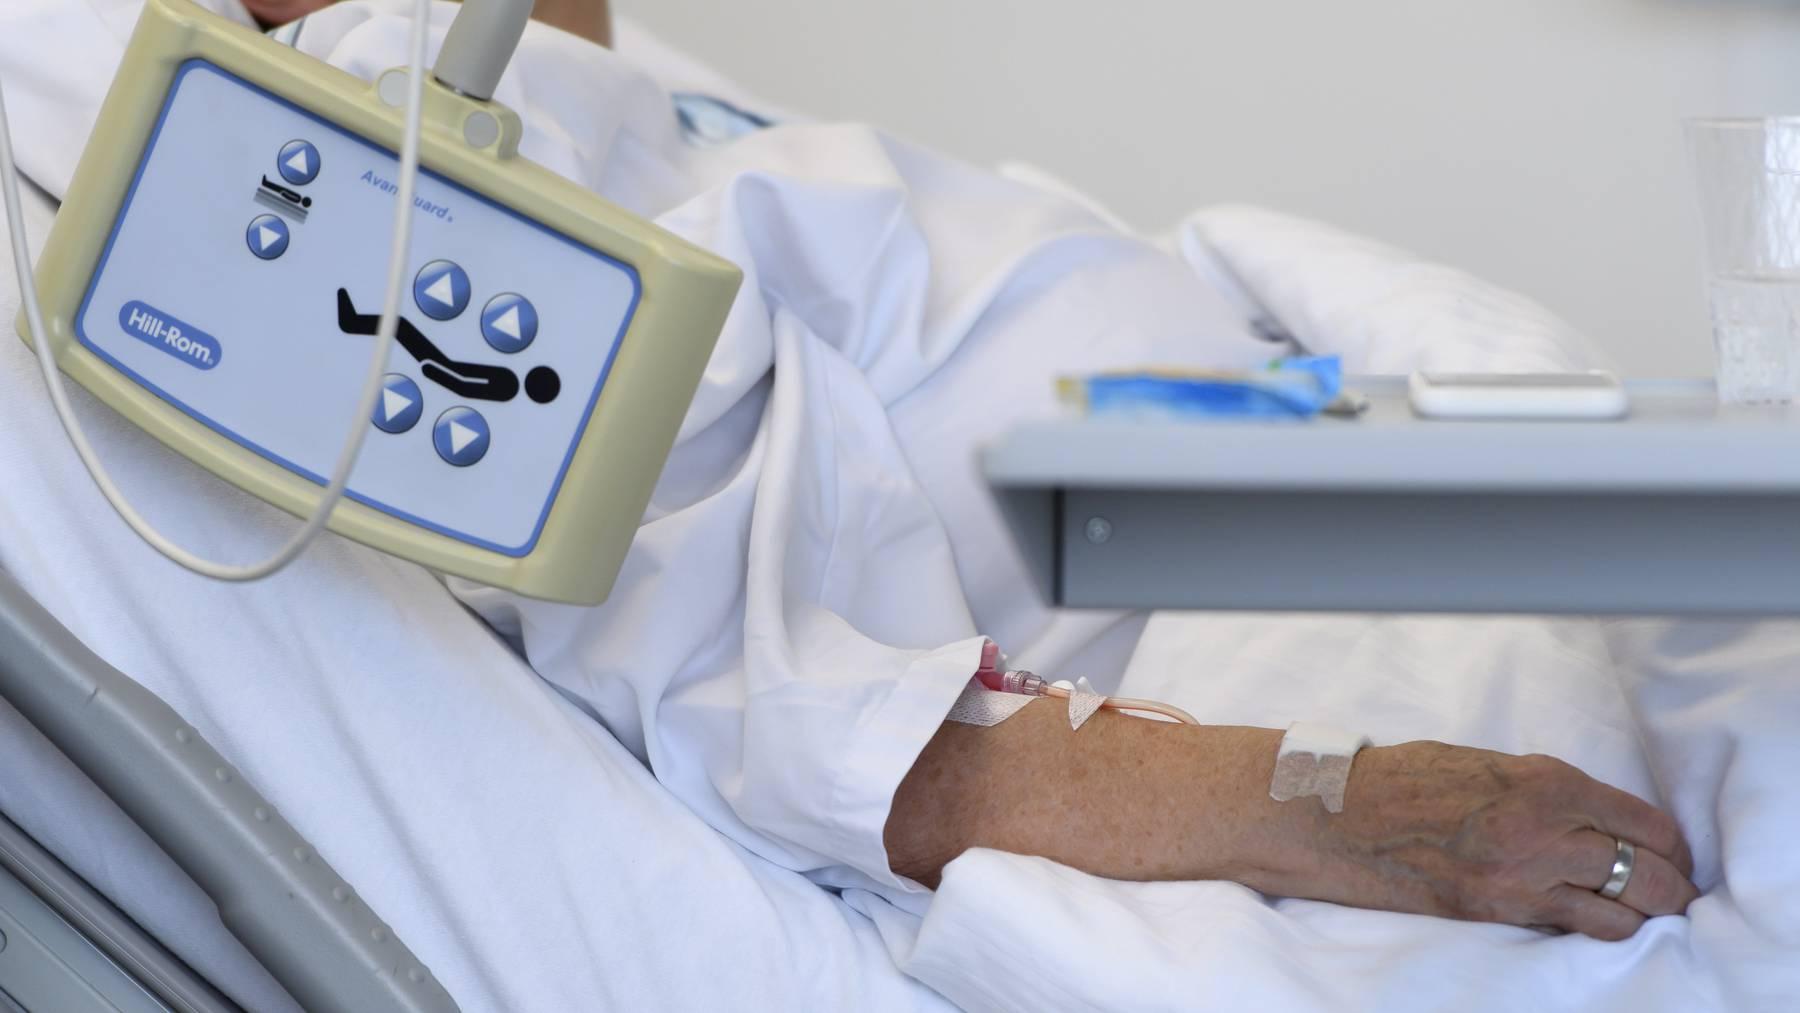 Die Forschungsprojekte sollen dabei helfen, das Gesundheitswesen bezüglich Covid-19 zu verbessern. (Symbolbild)